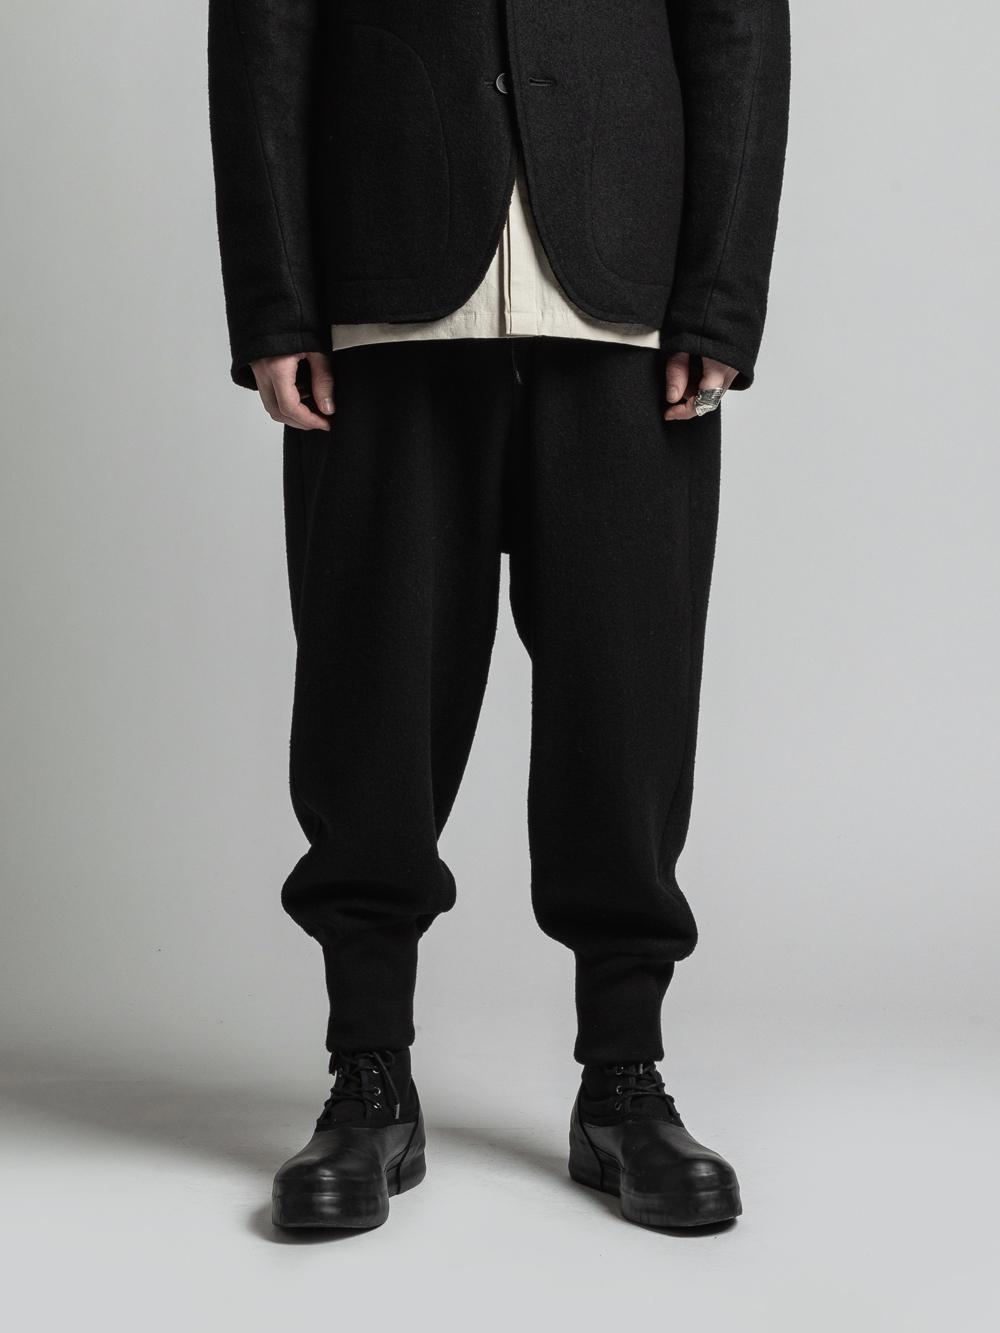 VI-3258-04 / 縮絨ウール裾リブパンツ